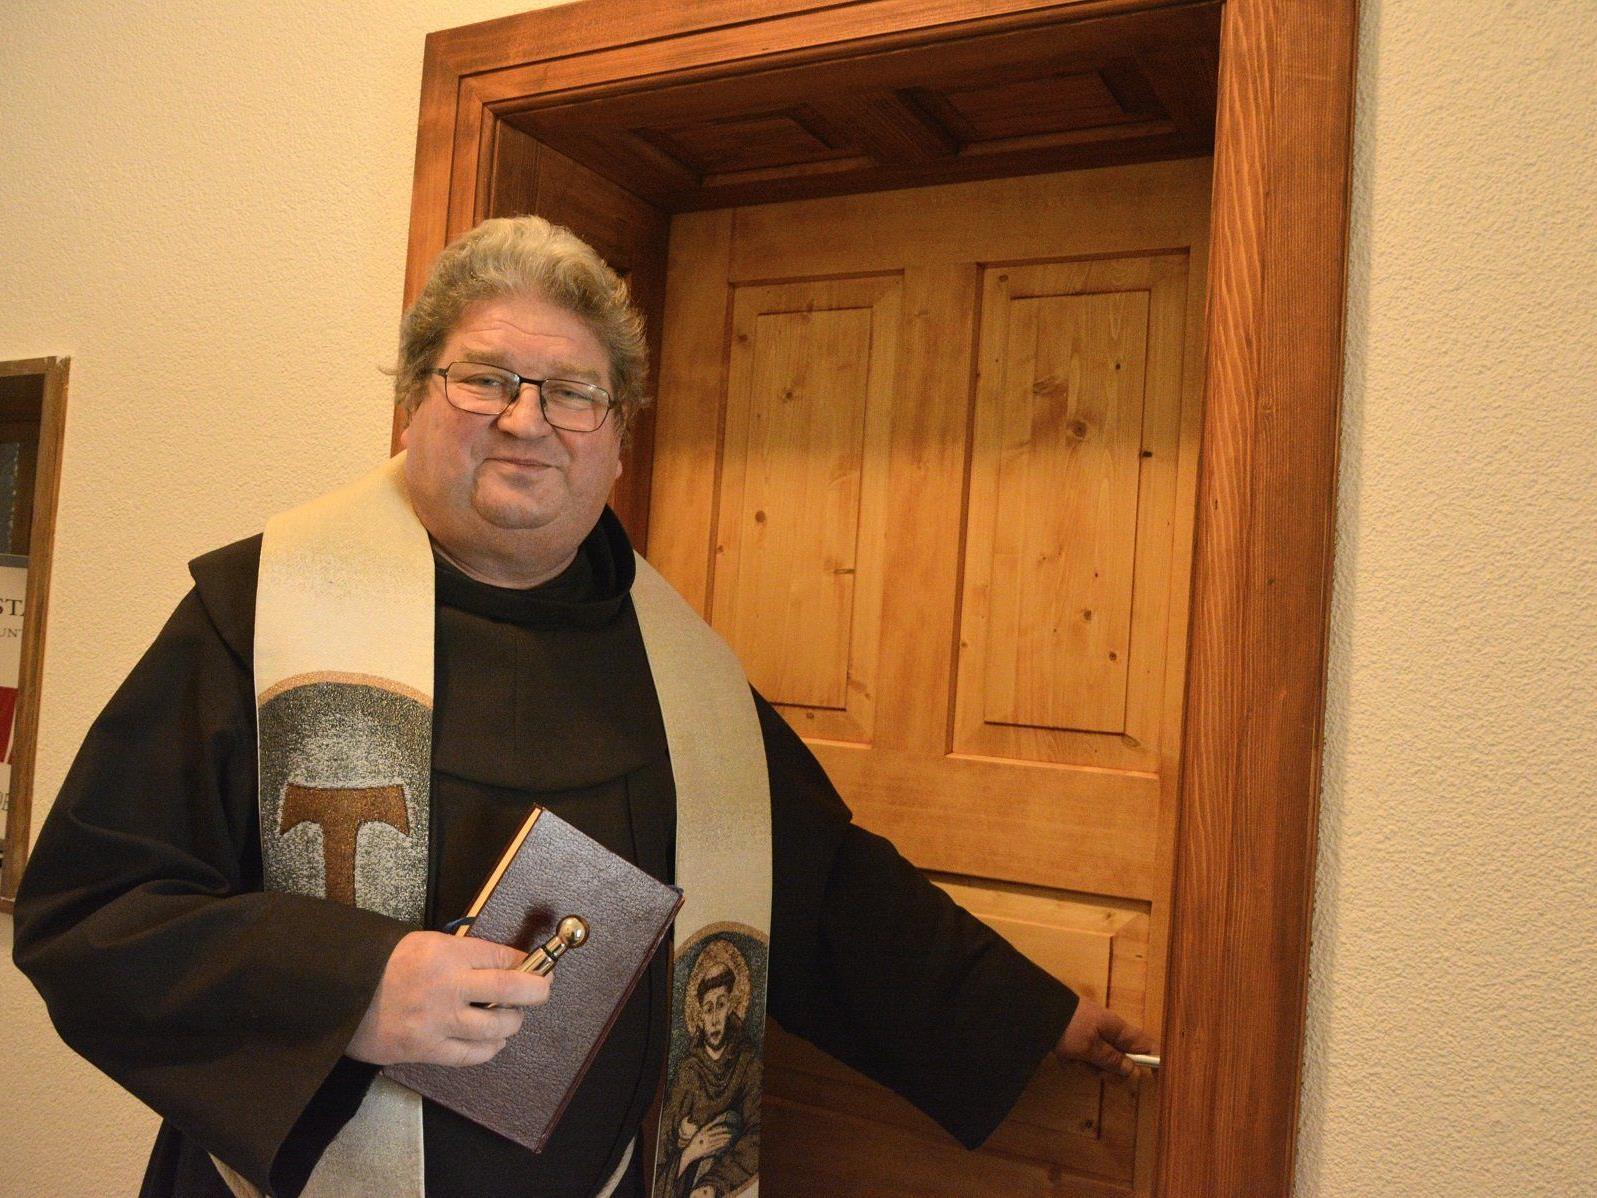 Die Franziskaner hielten Einzug in die neusanierten Wohnräume im Kloster.